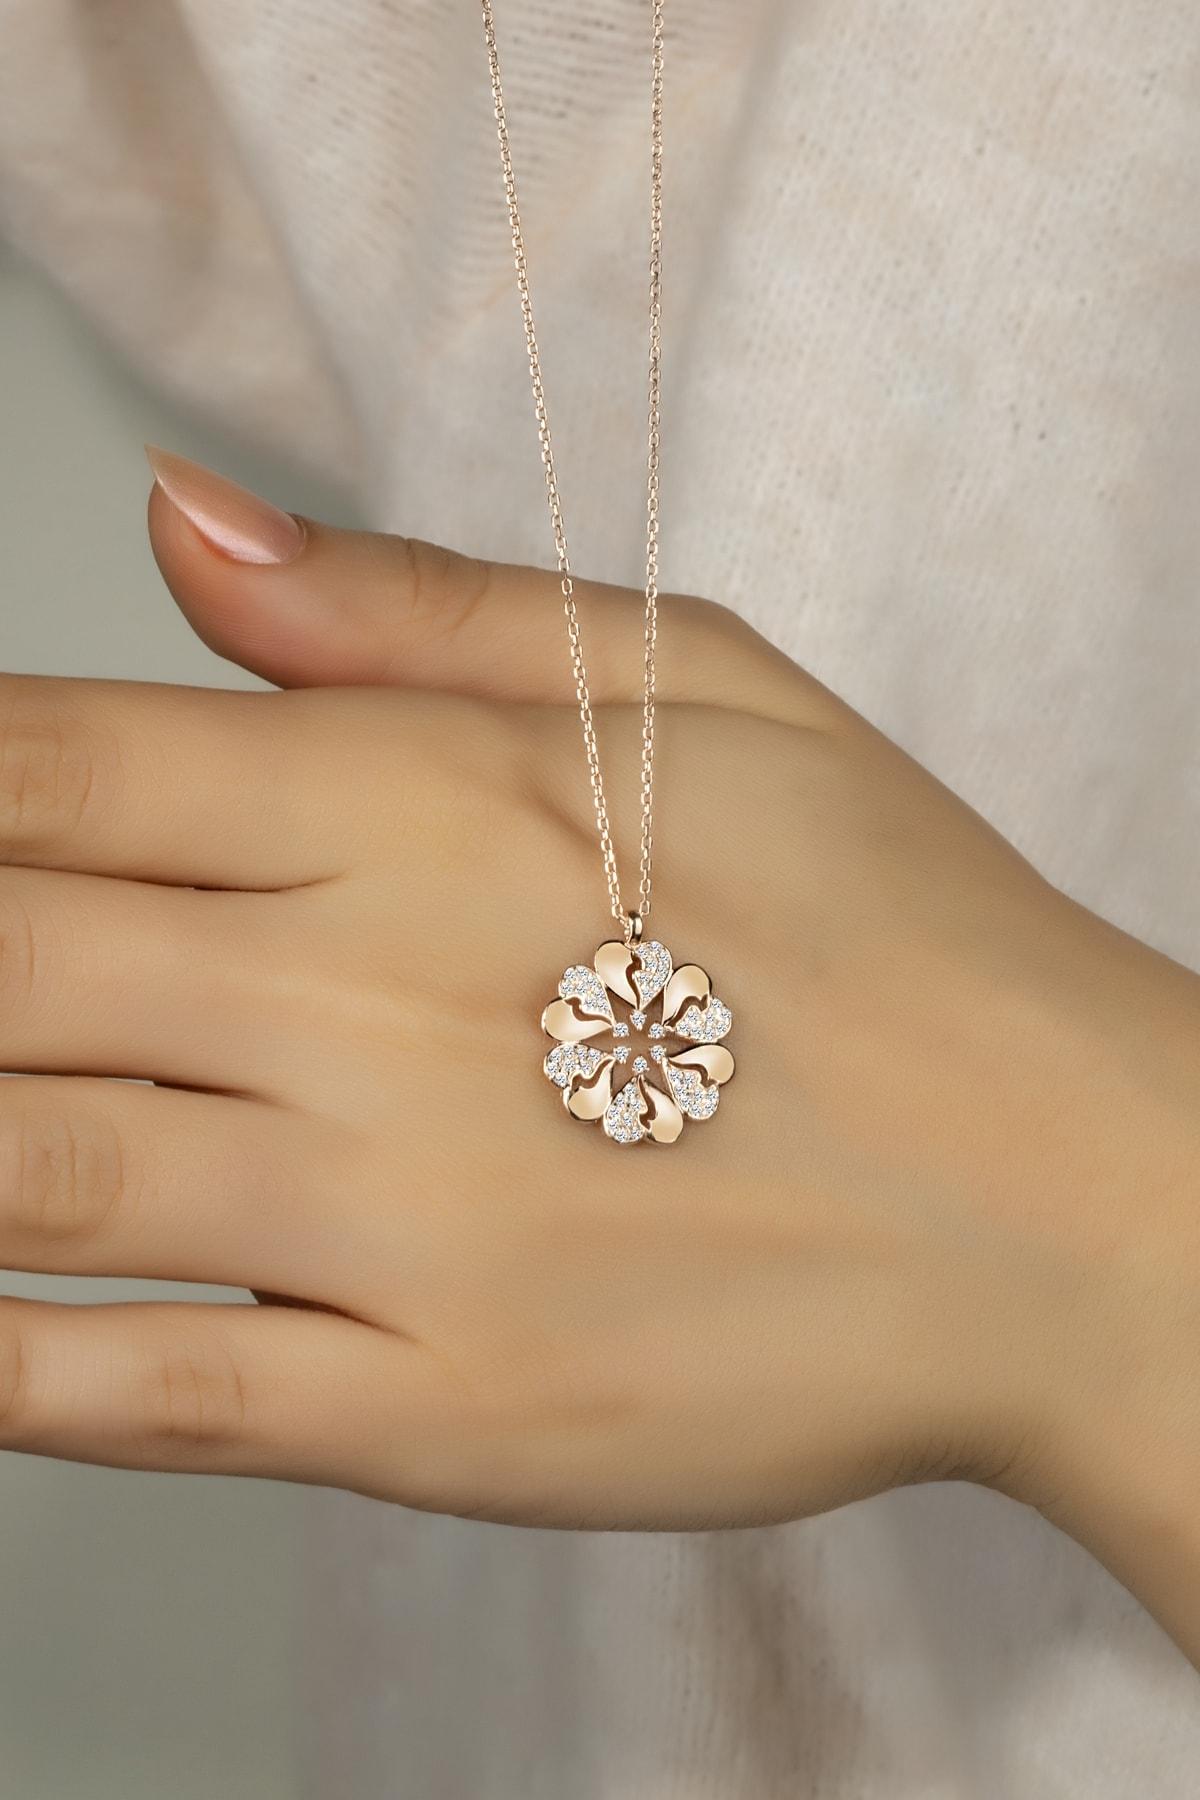 Else Silver Kadın Kalp Çiçeği Gümüş Kolye 1